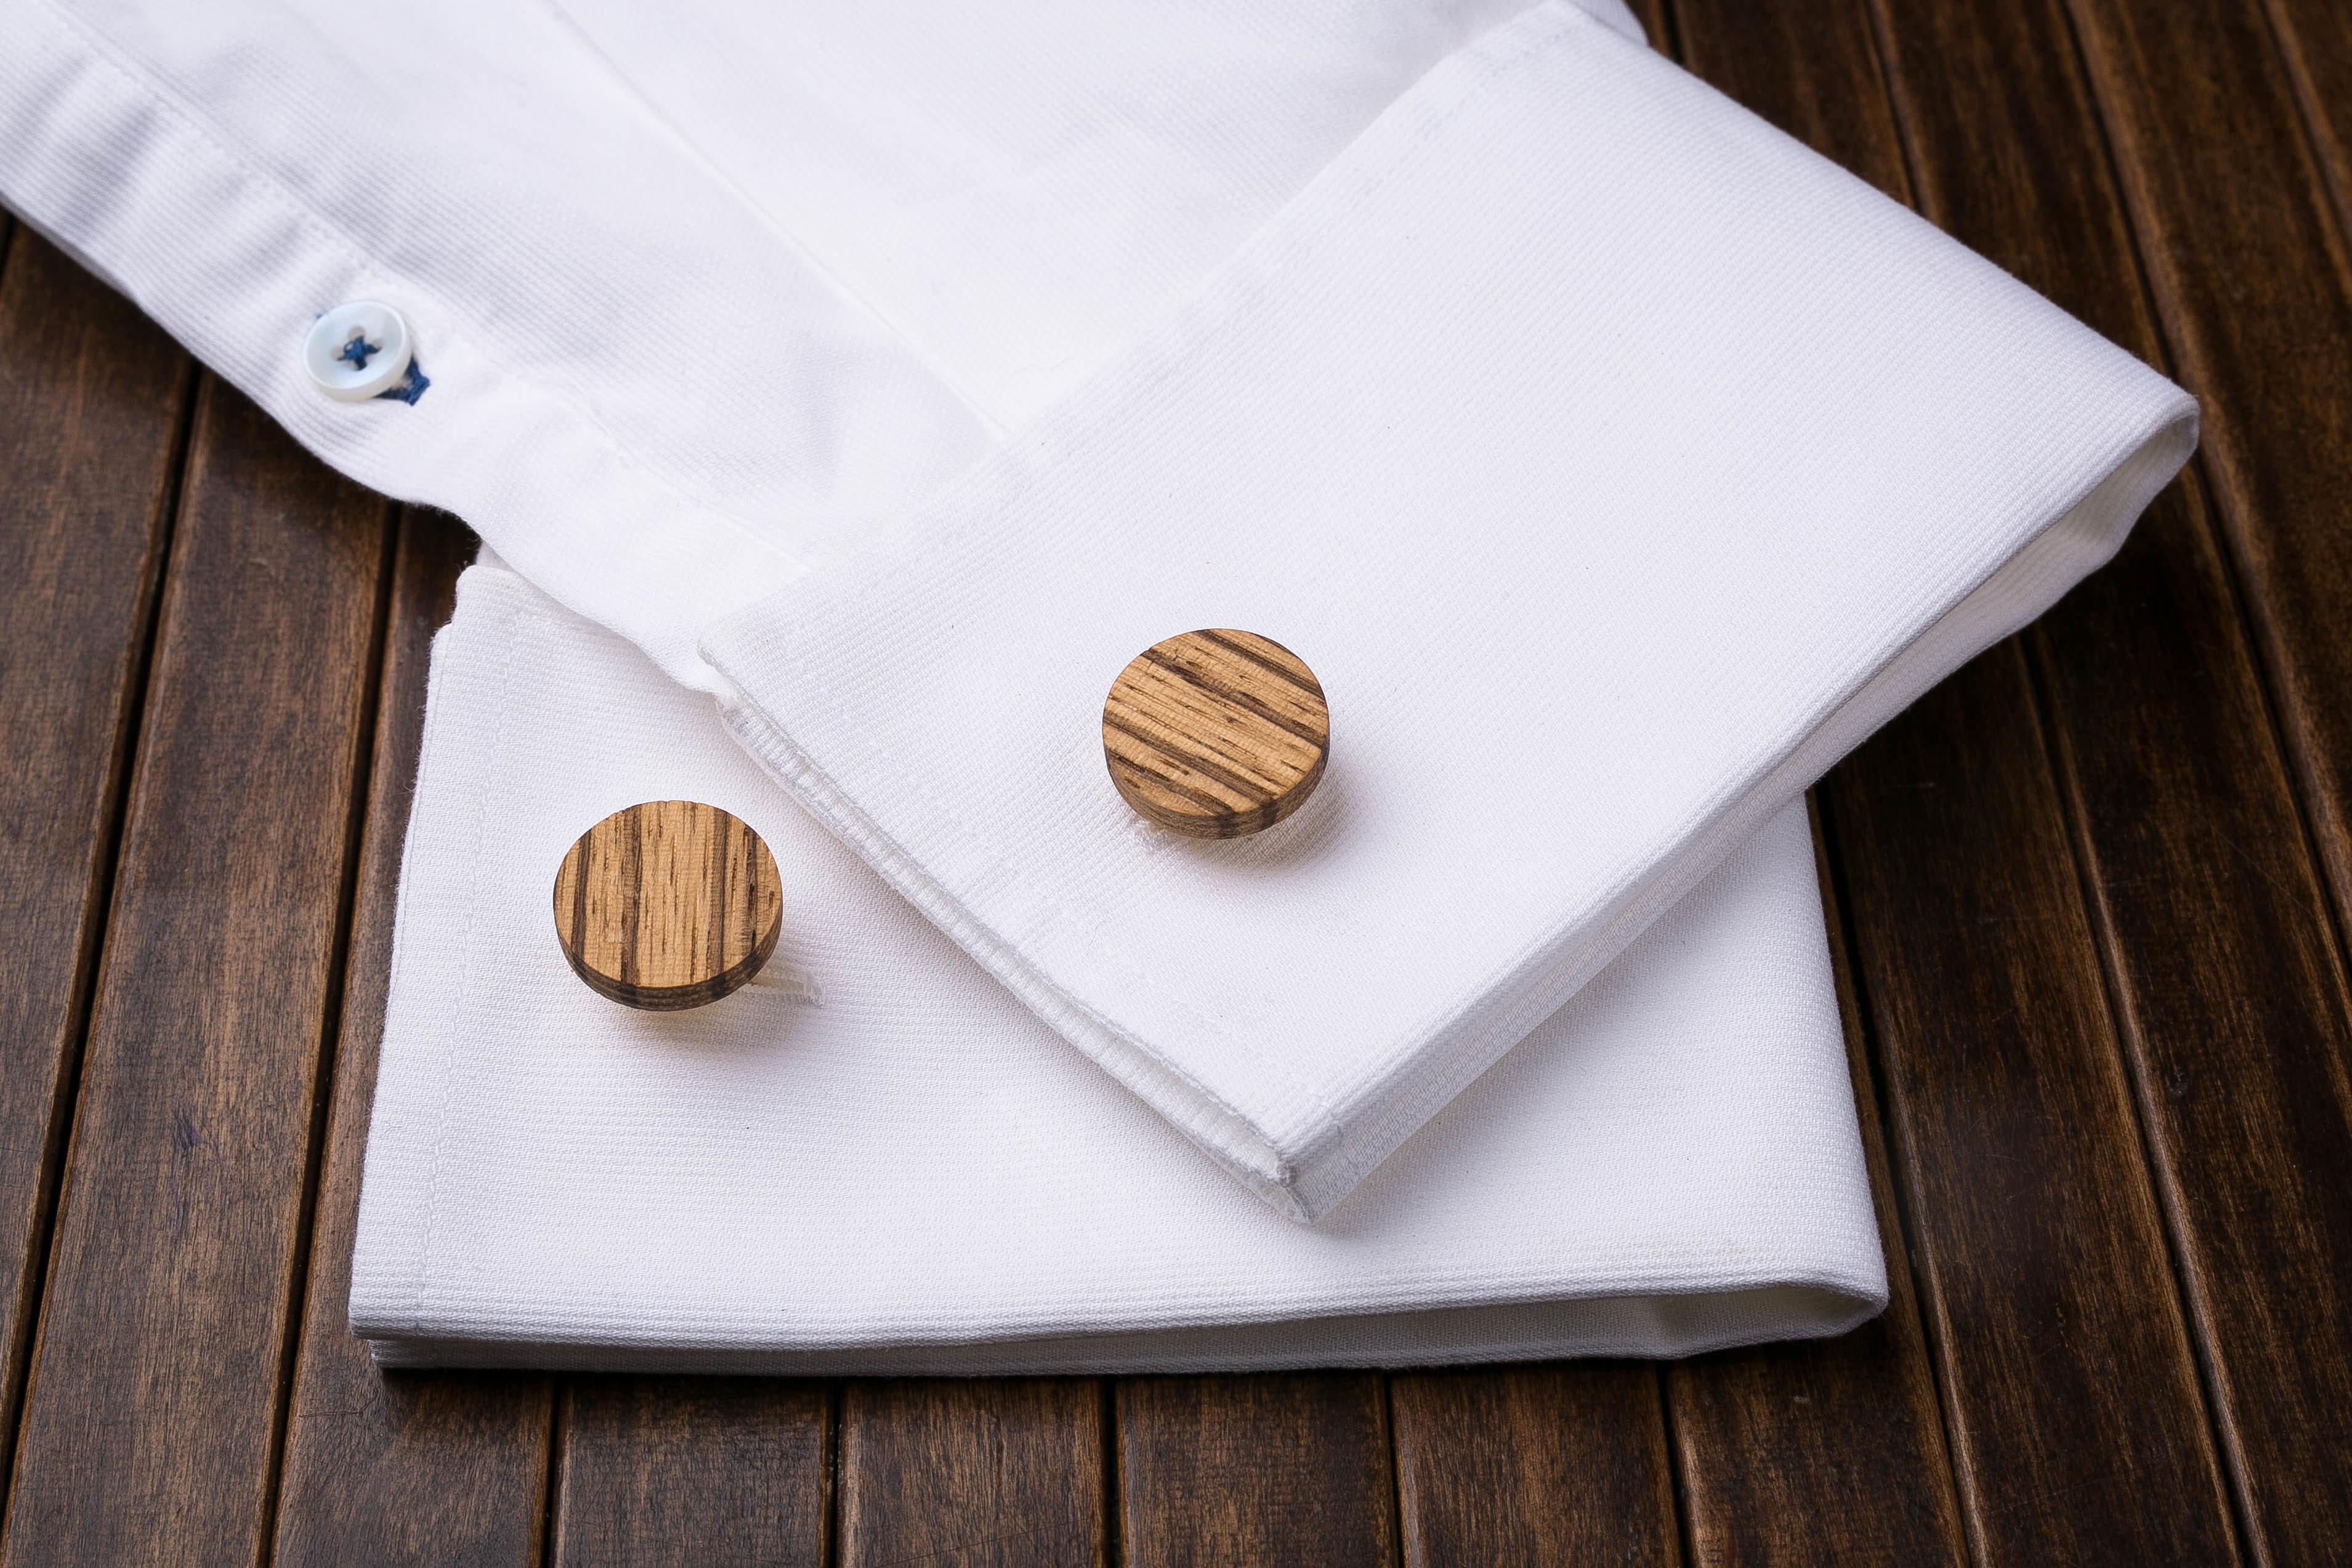 Комплект: Круглые запонки из дерева и Деревянный зажим для галстука. Массив зебрано. Гравировка инициалов. Упаковка в комплекте